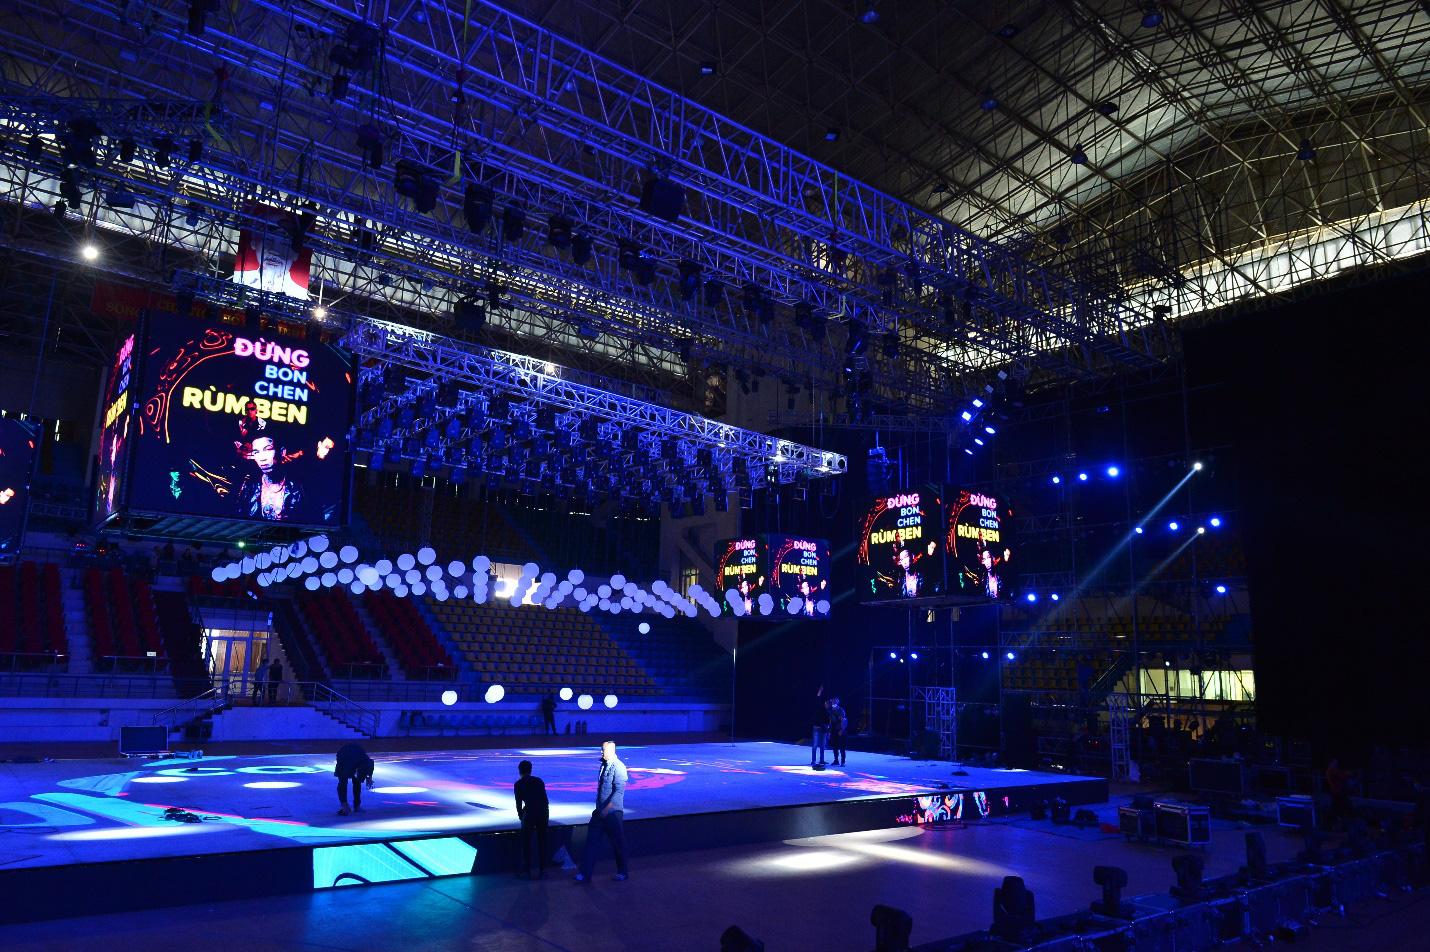 Sân khấu Lazada 12.12 Super Show trước giờ G: Đen Vâu, Jack, Dế Choắt... tích cực tập luyện, hứa hẹn một đêm nhạc hội đã tai, đã mắt - Ảnh 8.